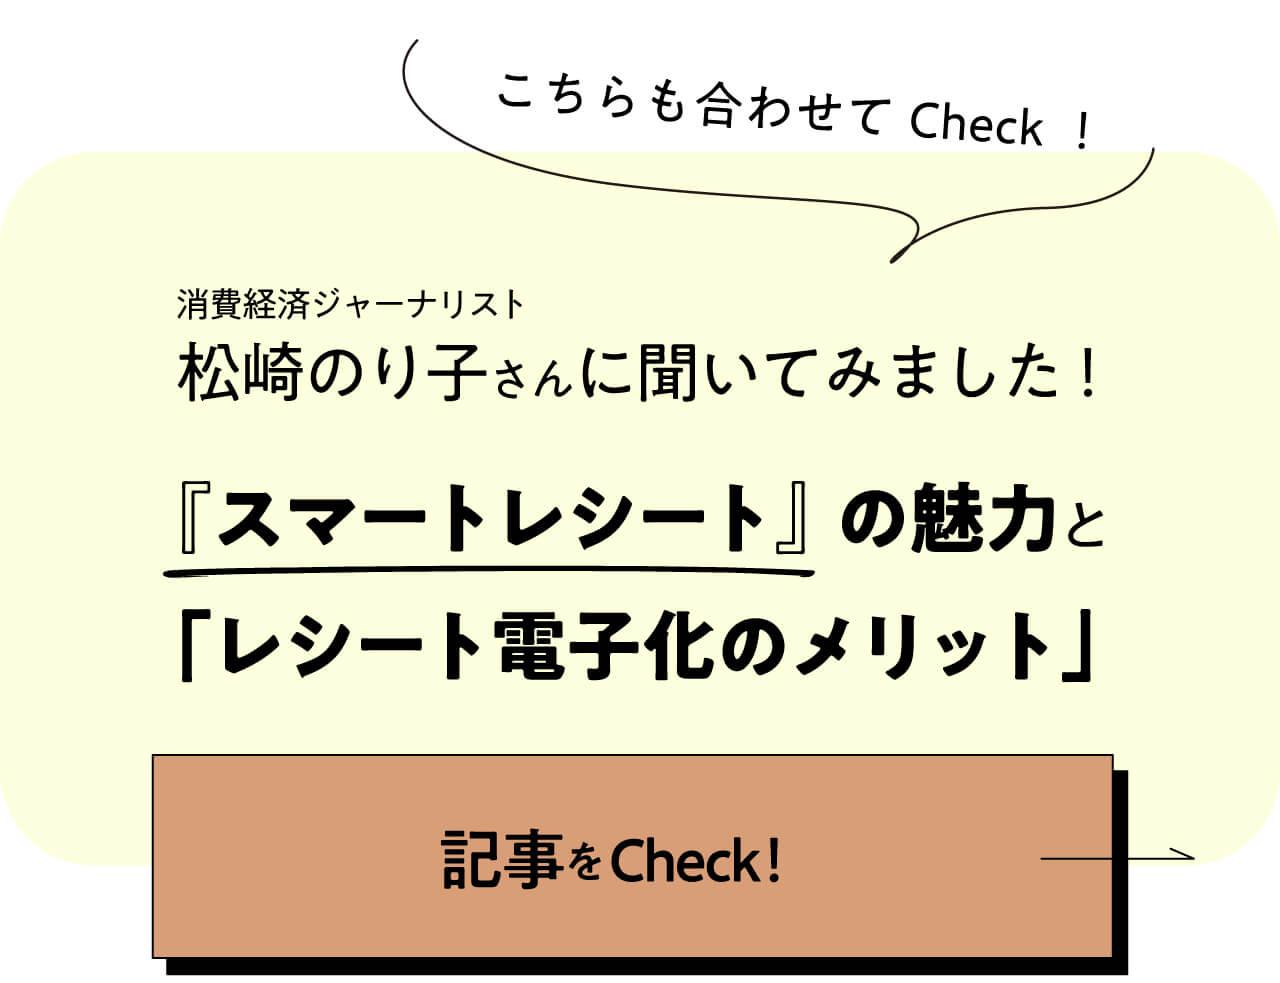 松崎さんに聞いてみました!スマートレシートの魅力と電子レシートのメリット